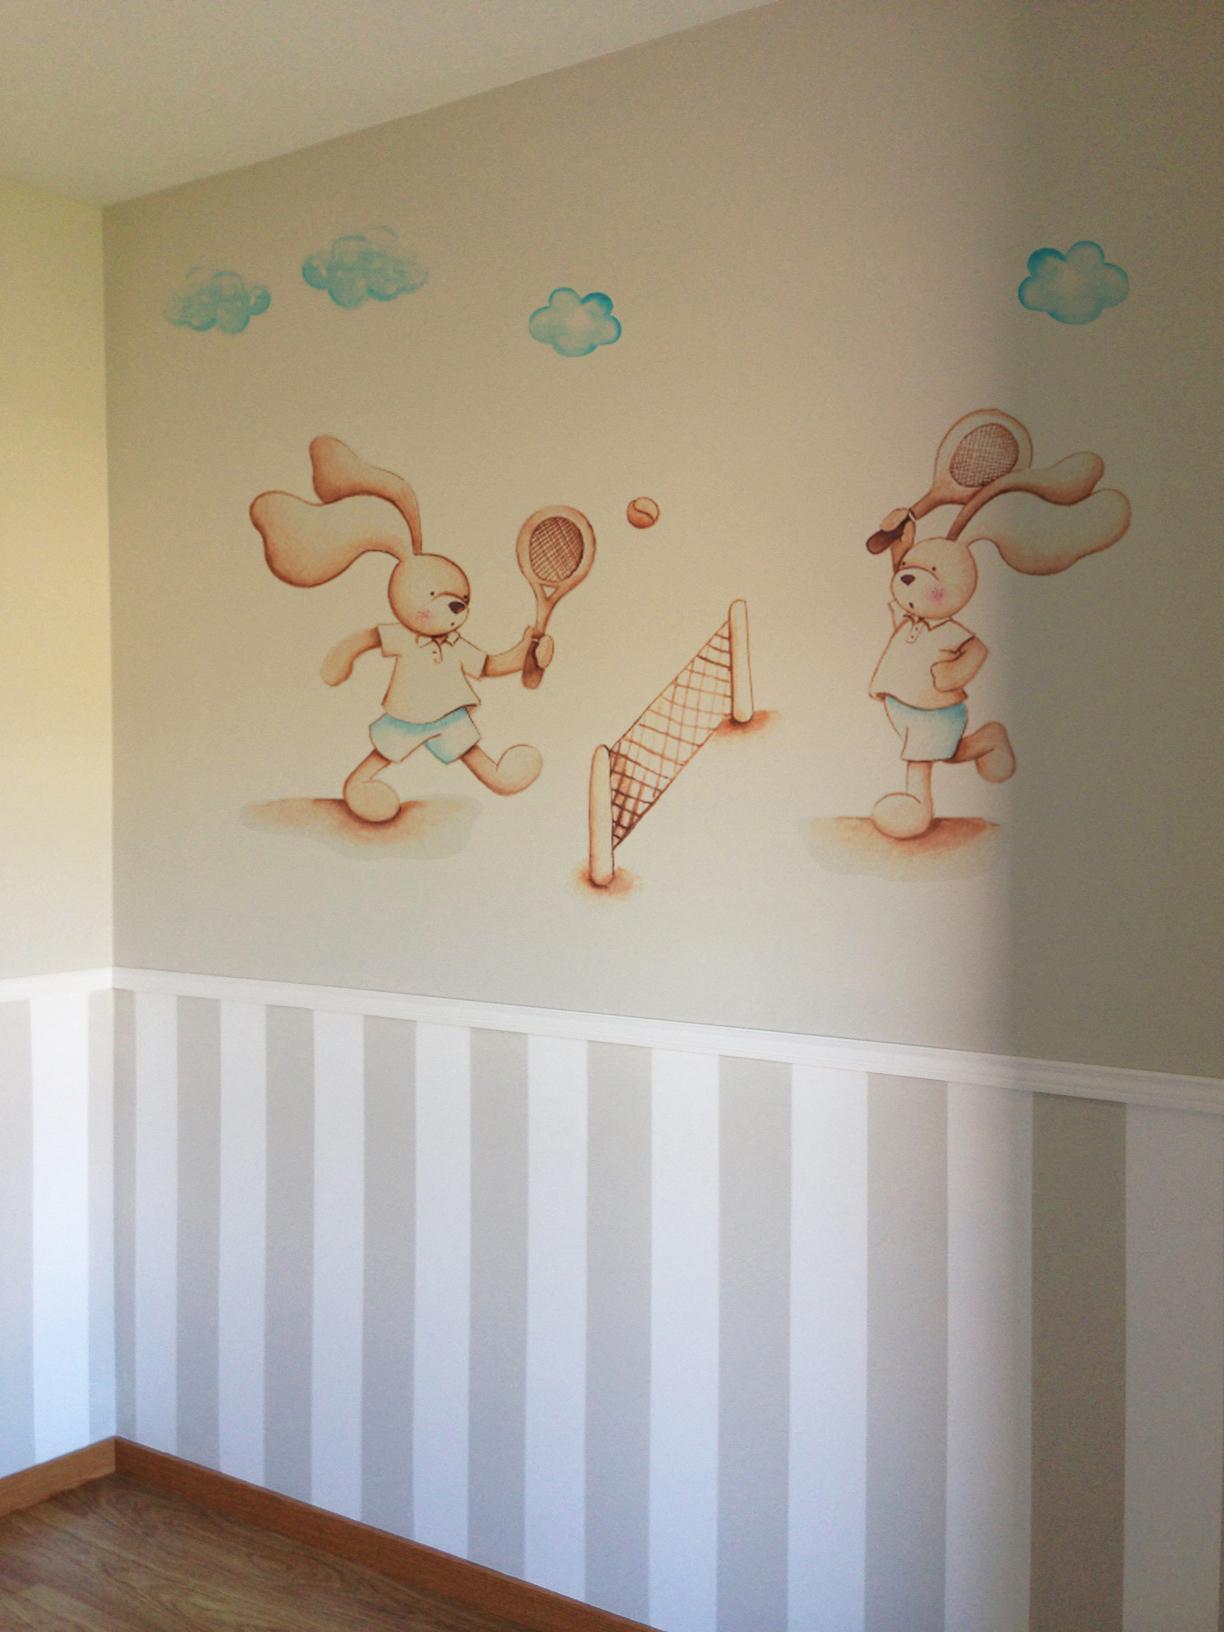 VINILO INFANTIL: Conejitos jugando al tenis